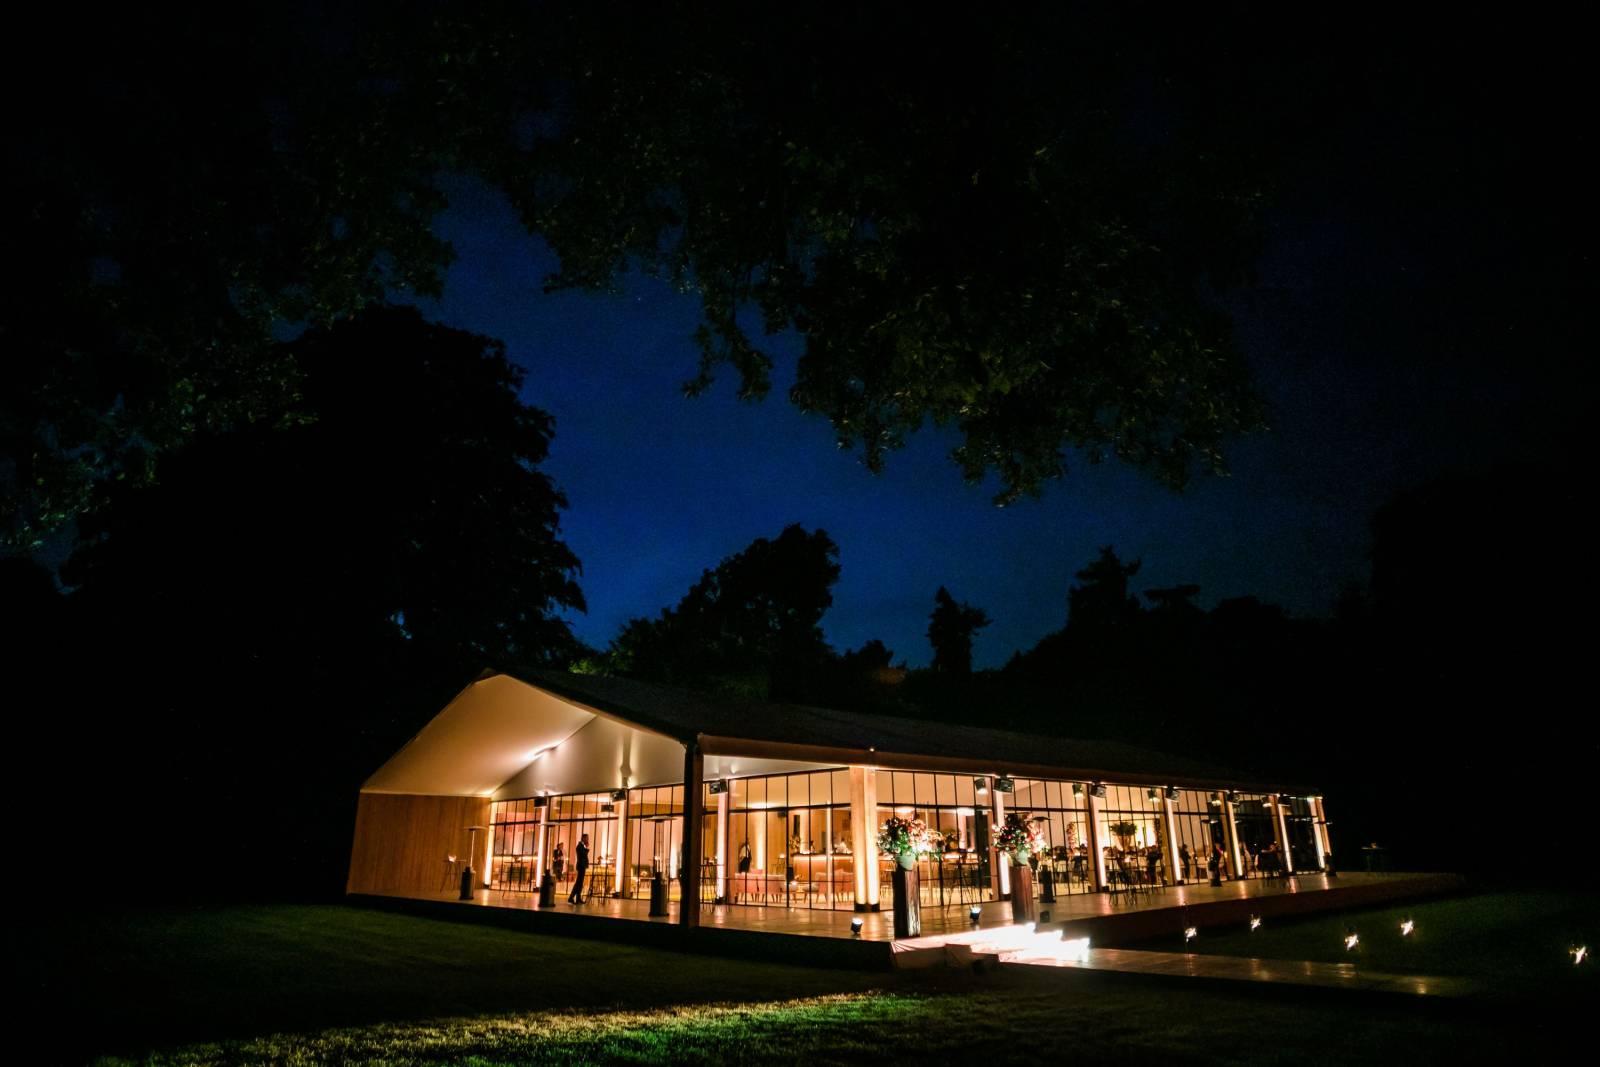 Solico - Licht & Geluid huwelijk - Audiovisueel - House of Weddings - 5